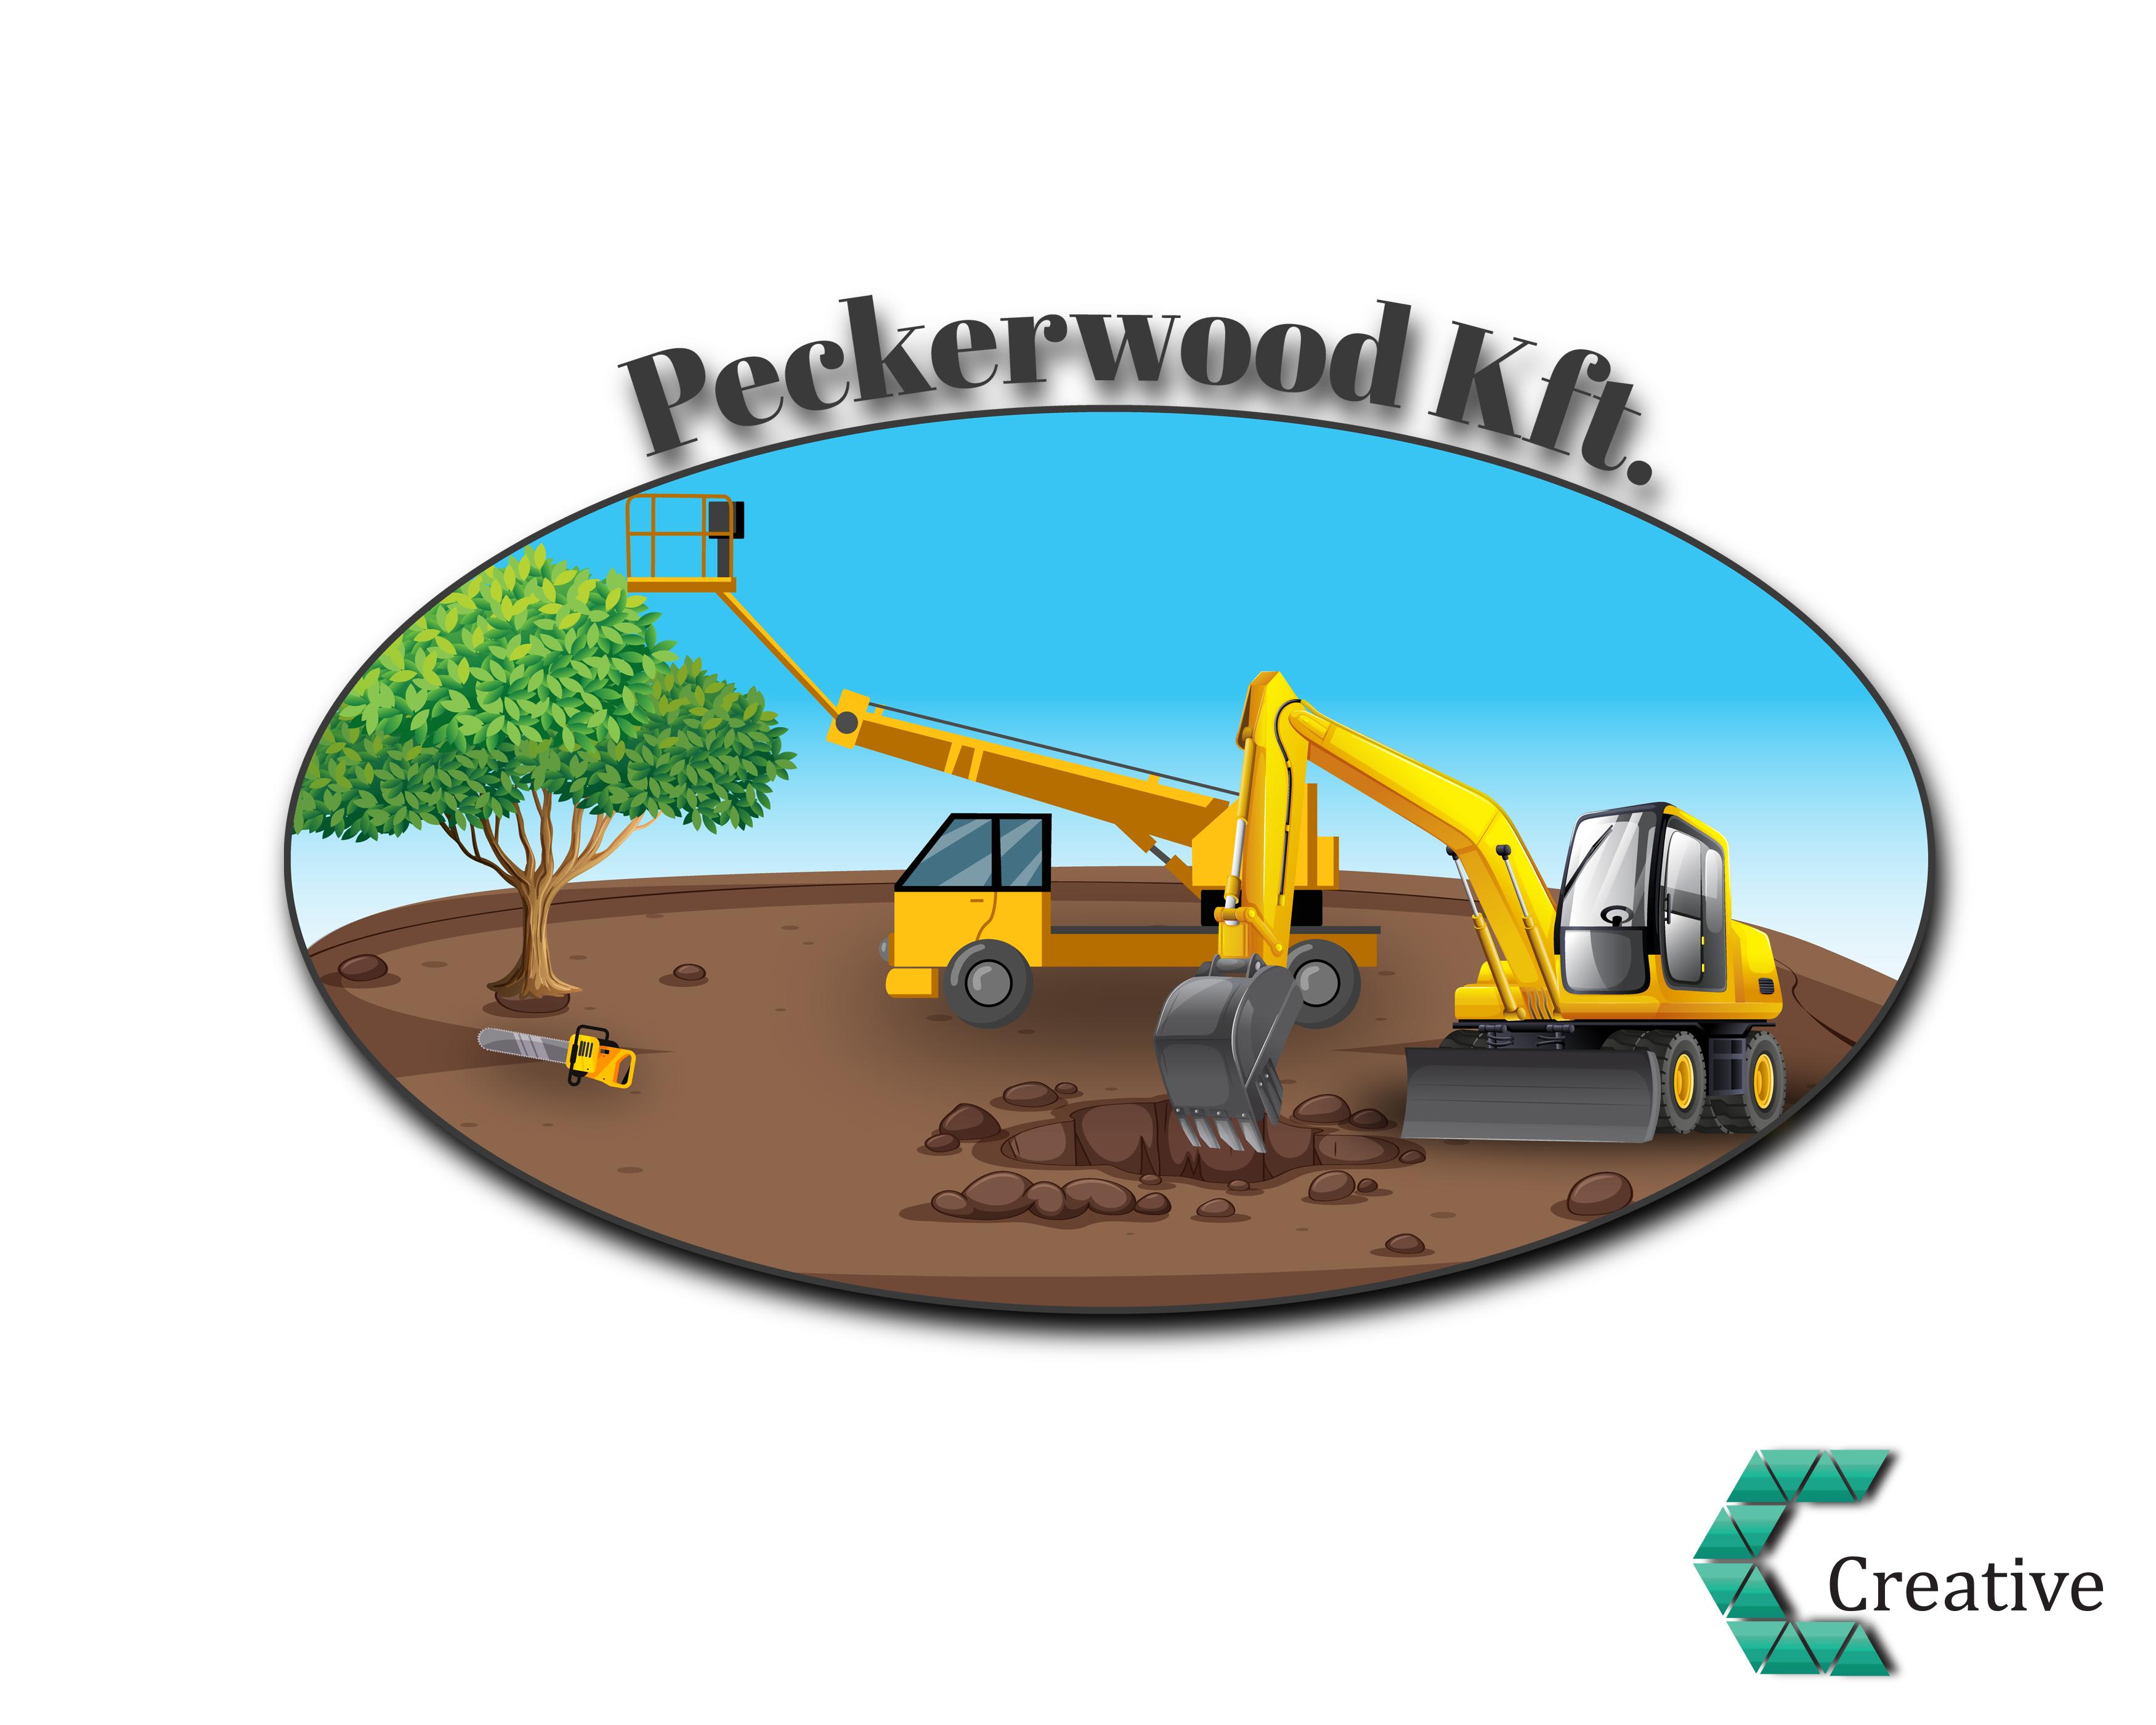 pecker_logo